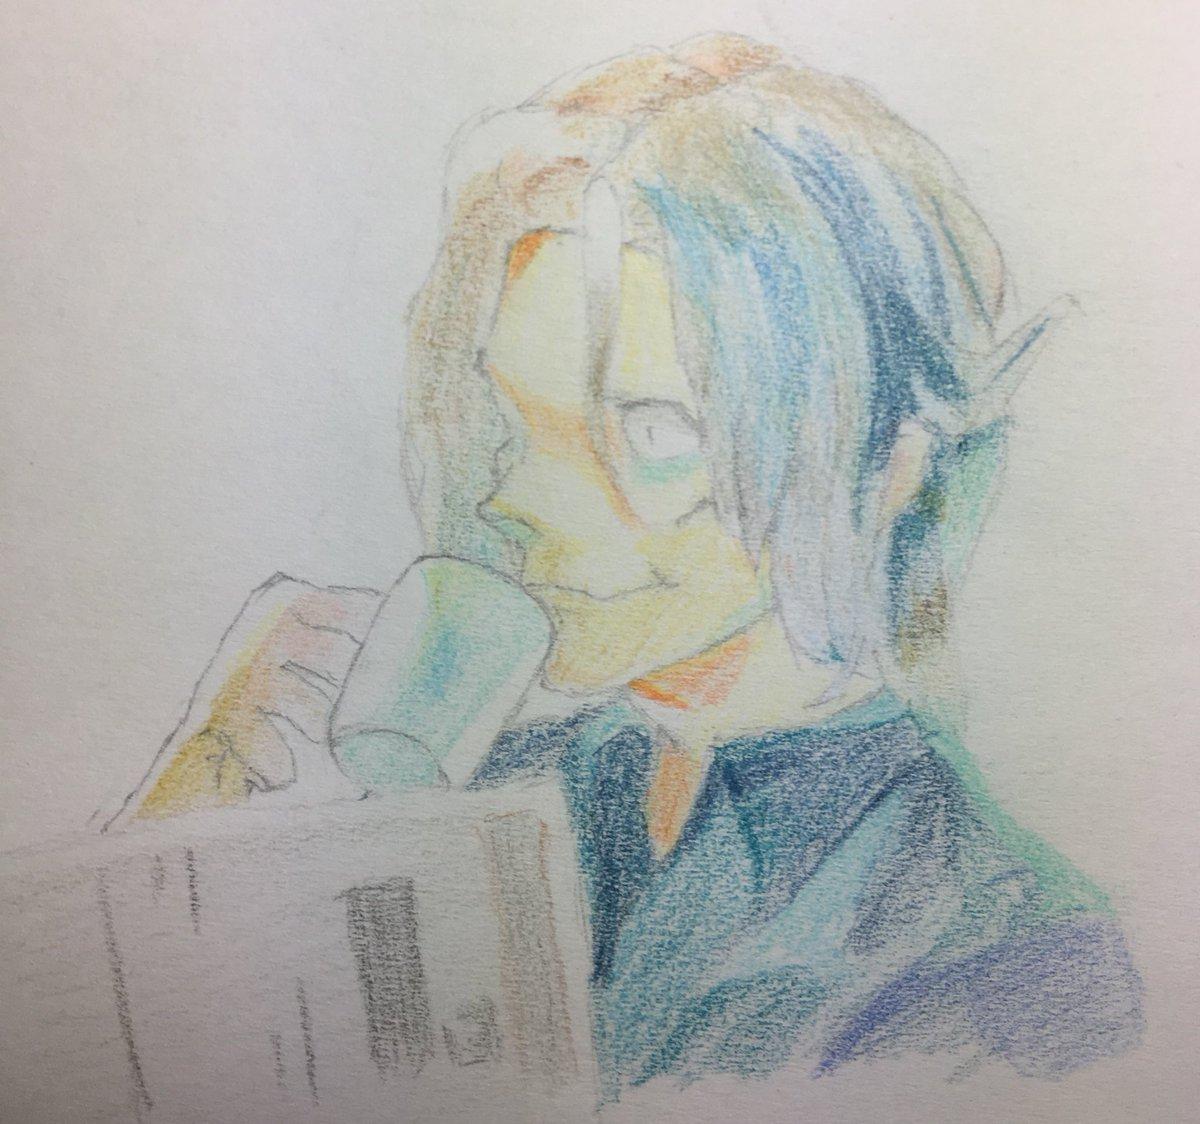 遅くなった!真戸さんお誕生日おめでとうございますっ!!♪(๑ᴖ◡ᴖ๑)♪初色鉛筆!超初心者です。時間があれば続き描くかも